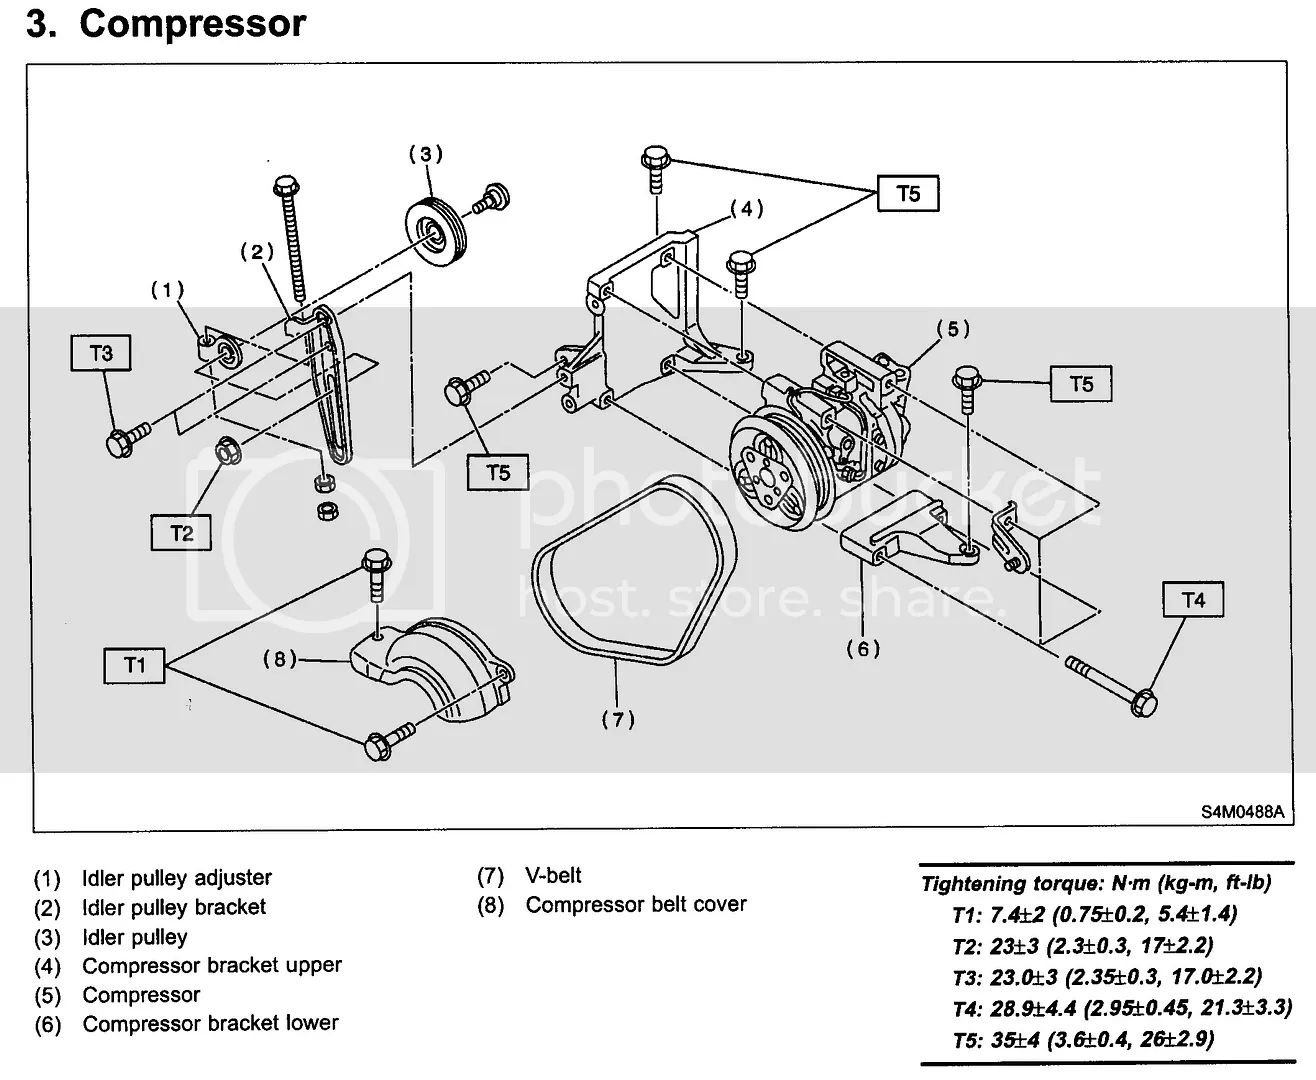 1996 buick skylark radio wiring diagram